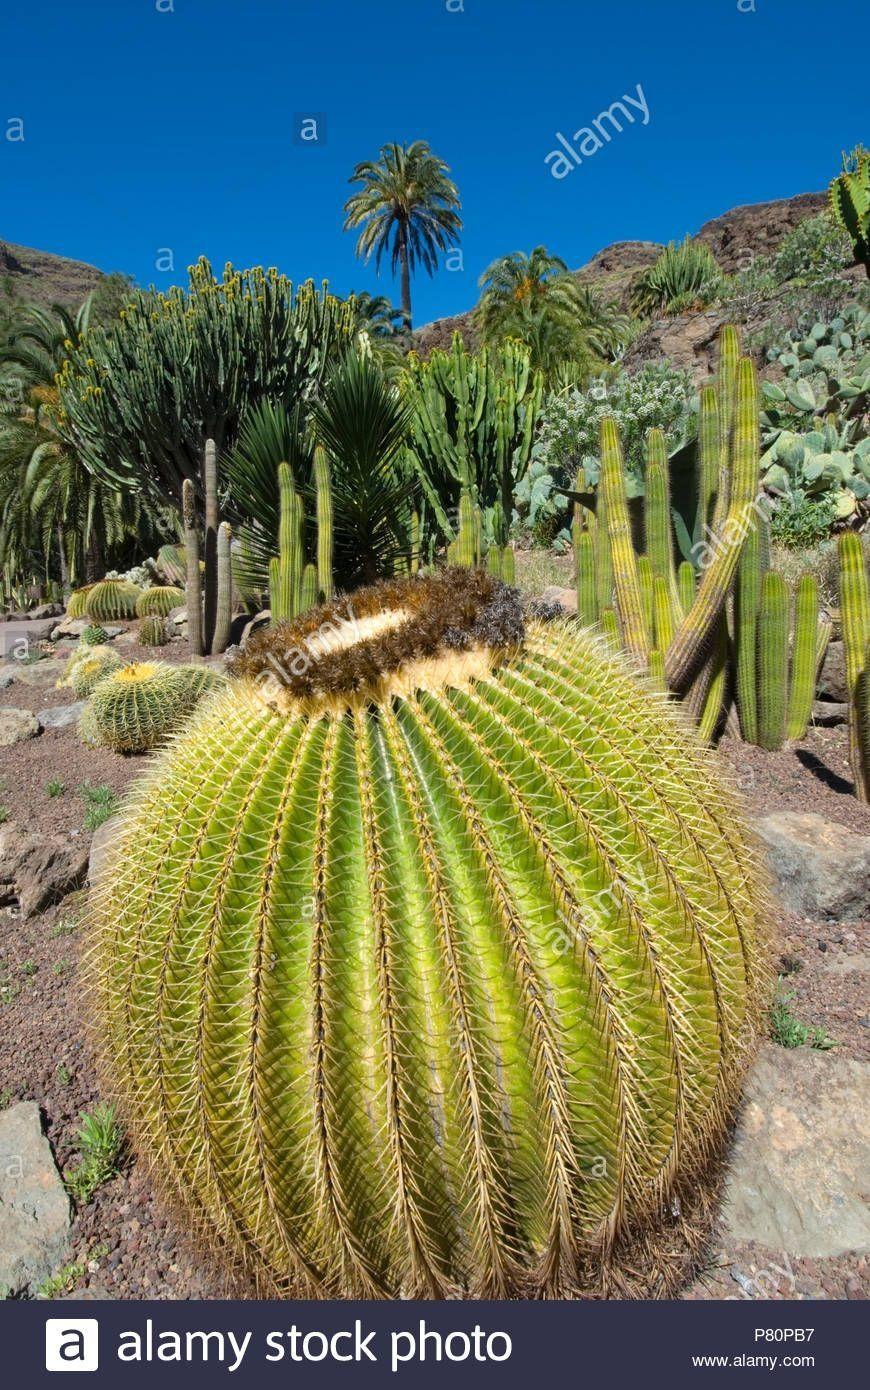 Green Cactus Garden City Park Garden city park, Cactus